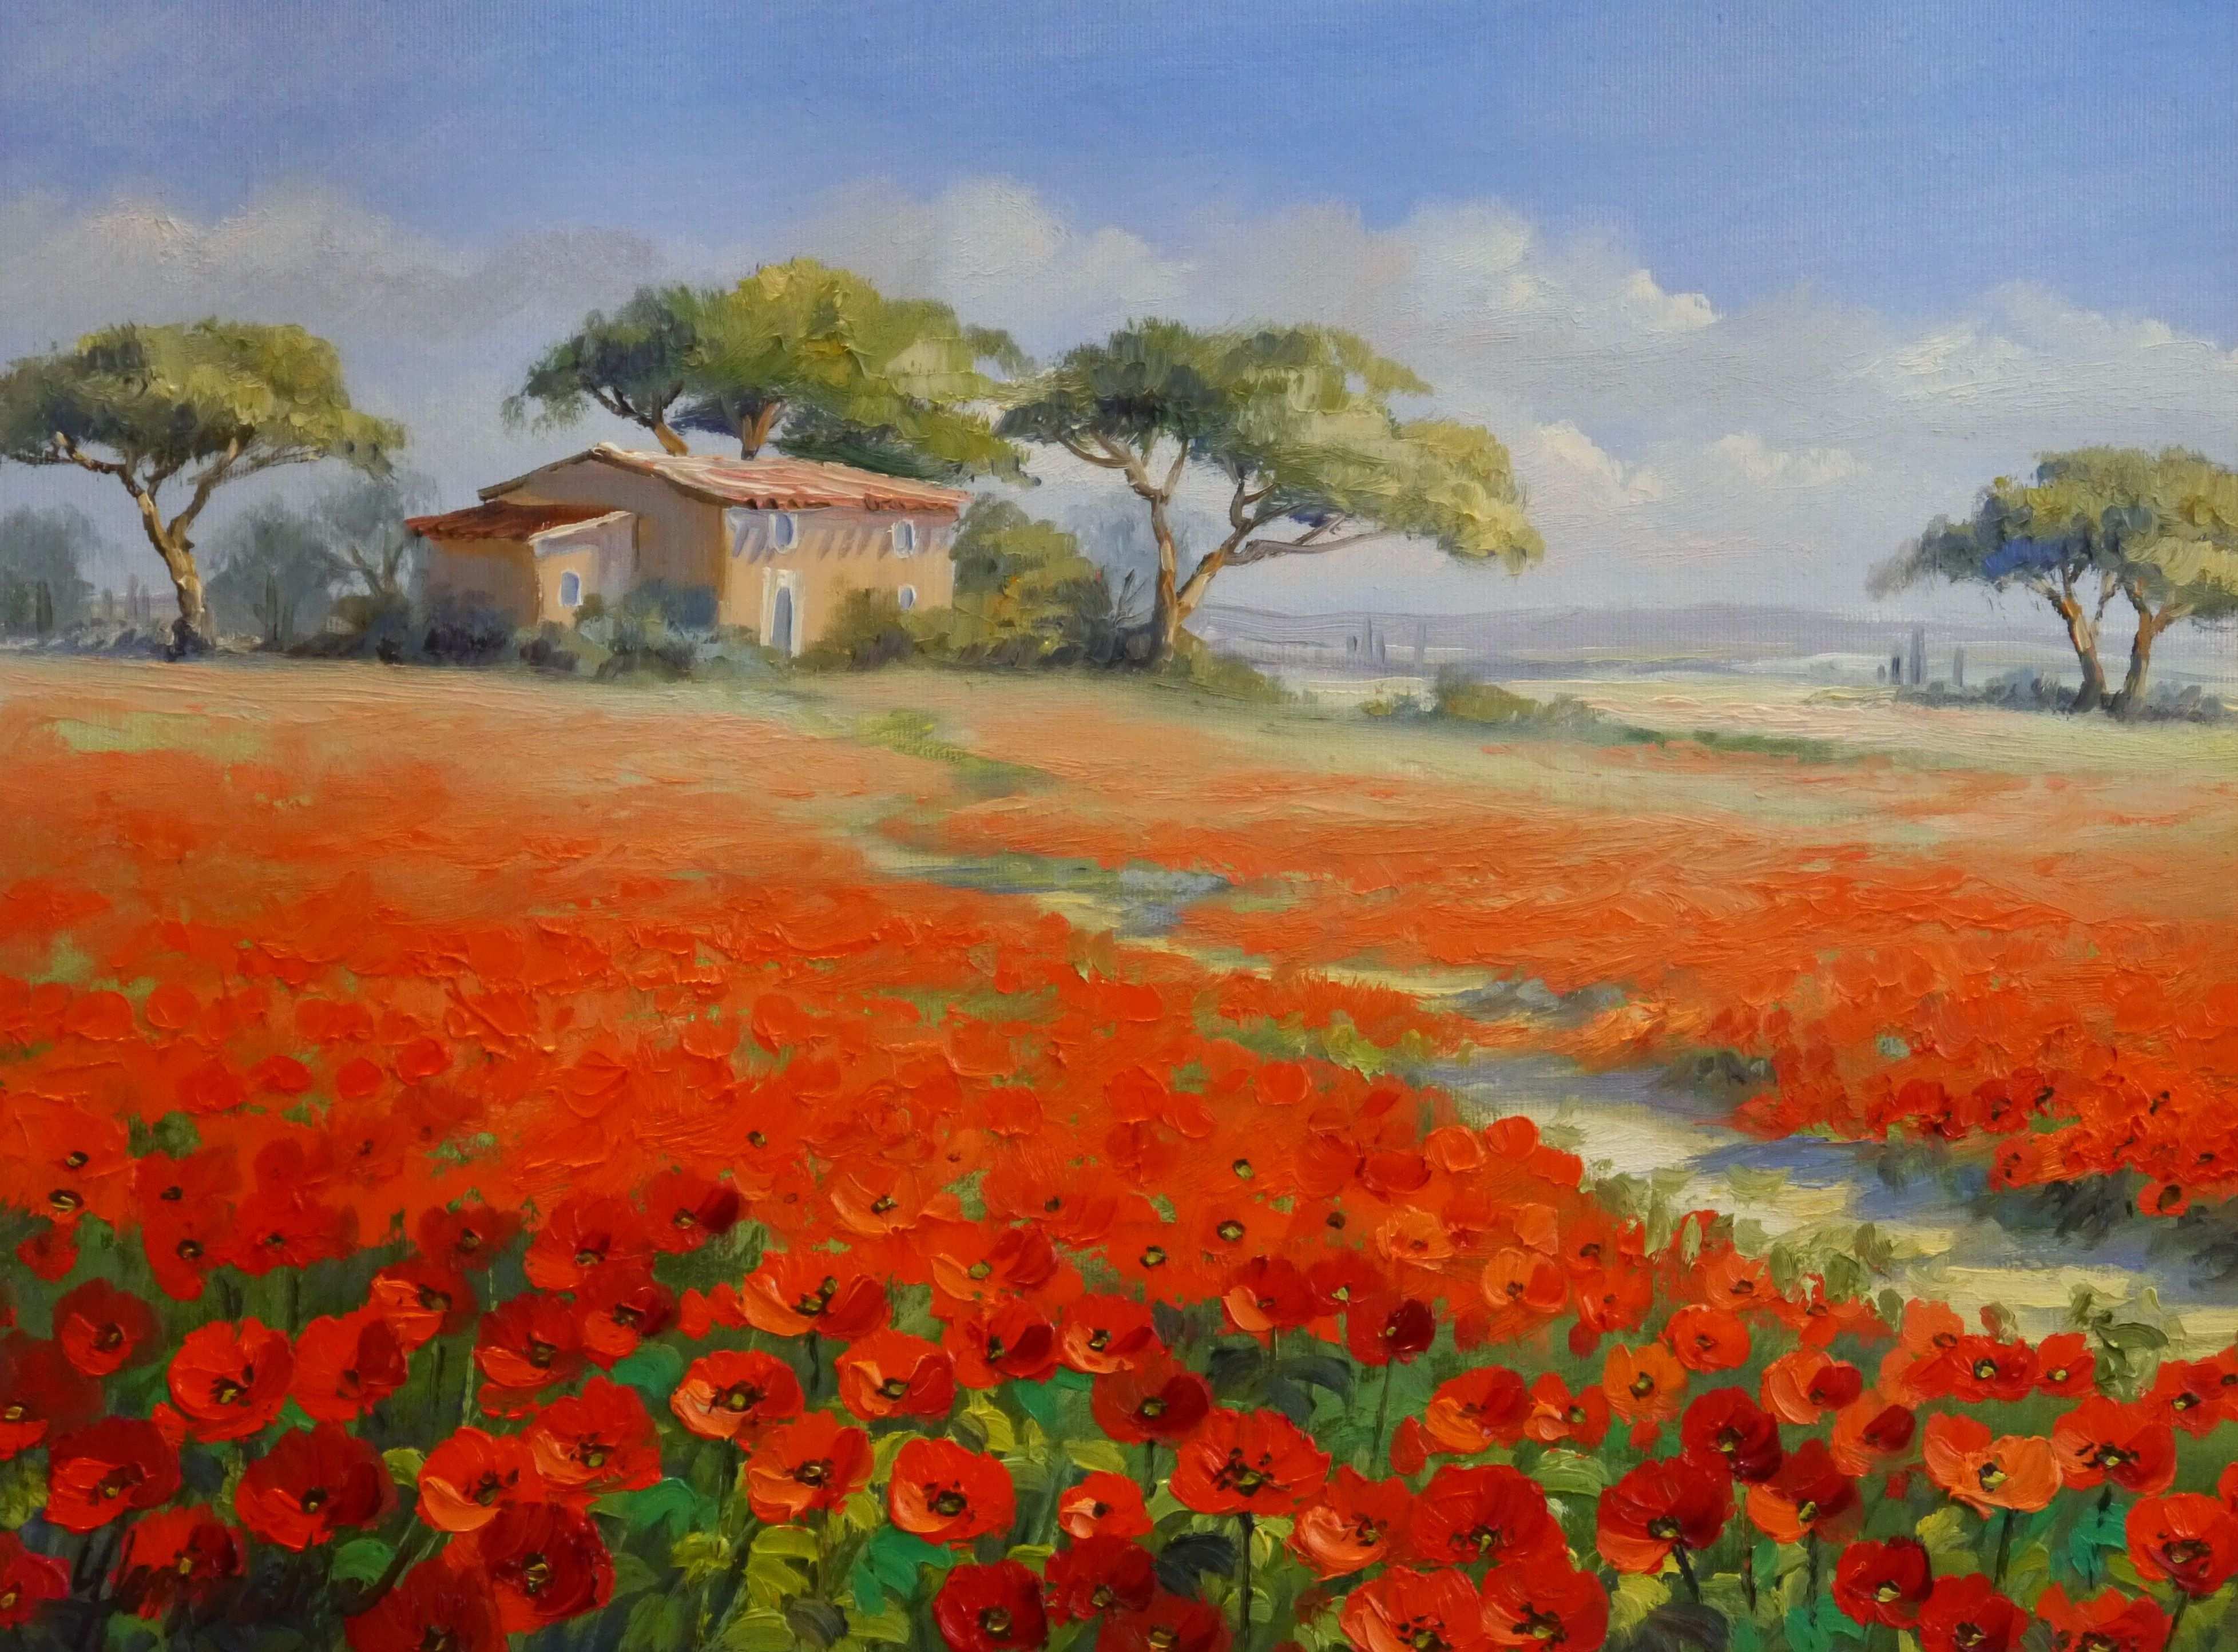 Mohn In Der Provence In Frankreich Ein Haus Liegt Zwischen Pinien Eingebettet Der Weg Fuhrt Zwisc Mediterrane Gemalde Landschaftskunst Aquarell Landschaften